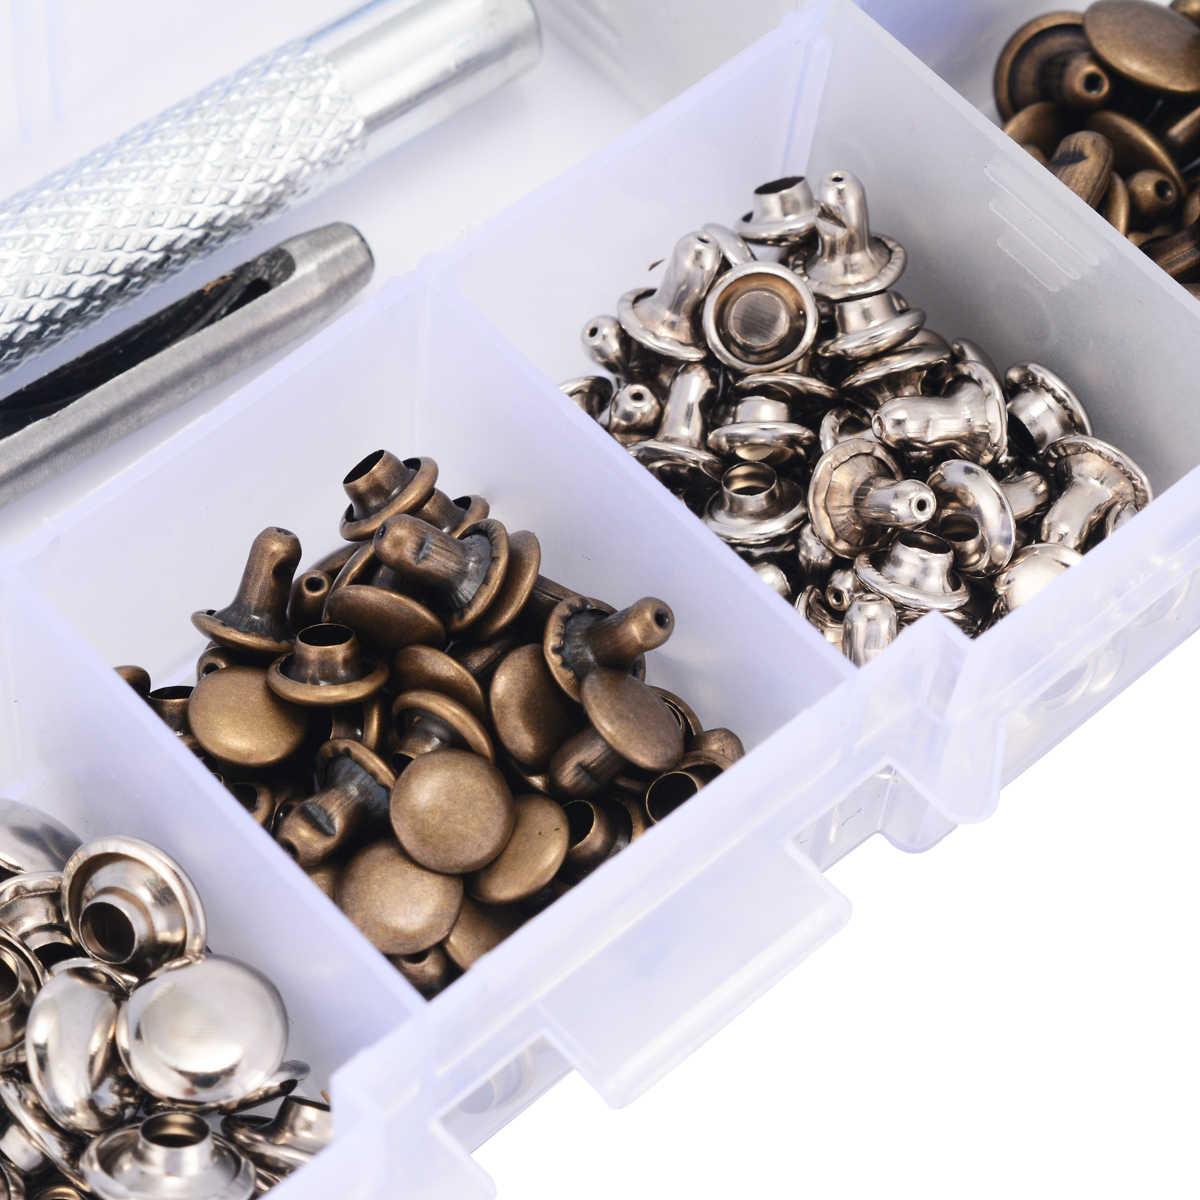 1 مجموعة جهين المسامير مشبك + تحديد أداة كيت جلدية إصلاح المسامير أنبوبي معدن واحد ل DIY الحرف الملابس السترات